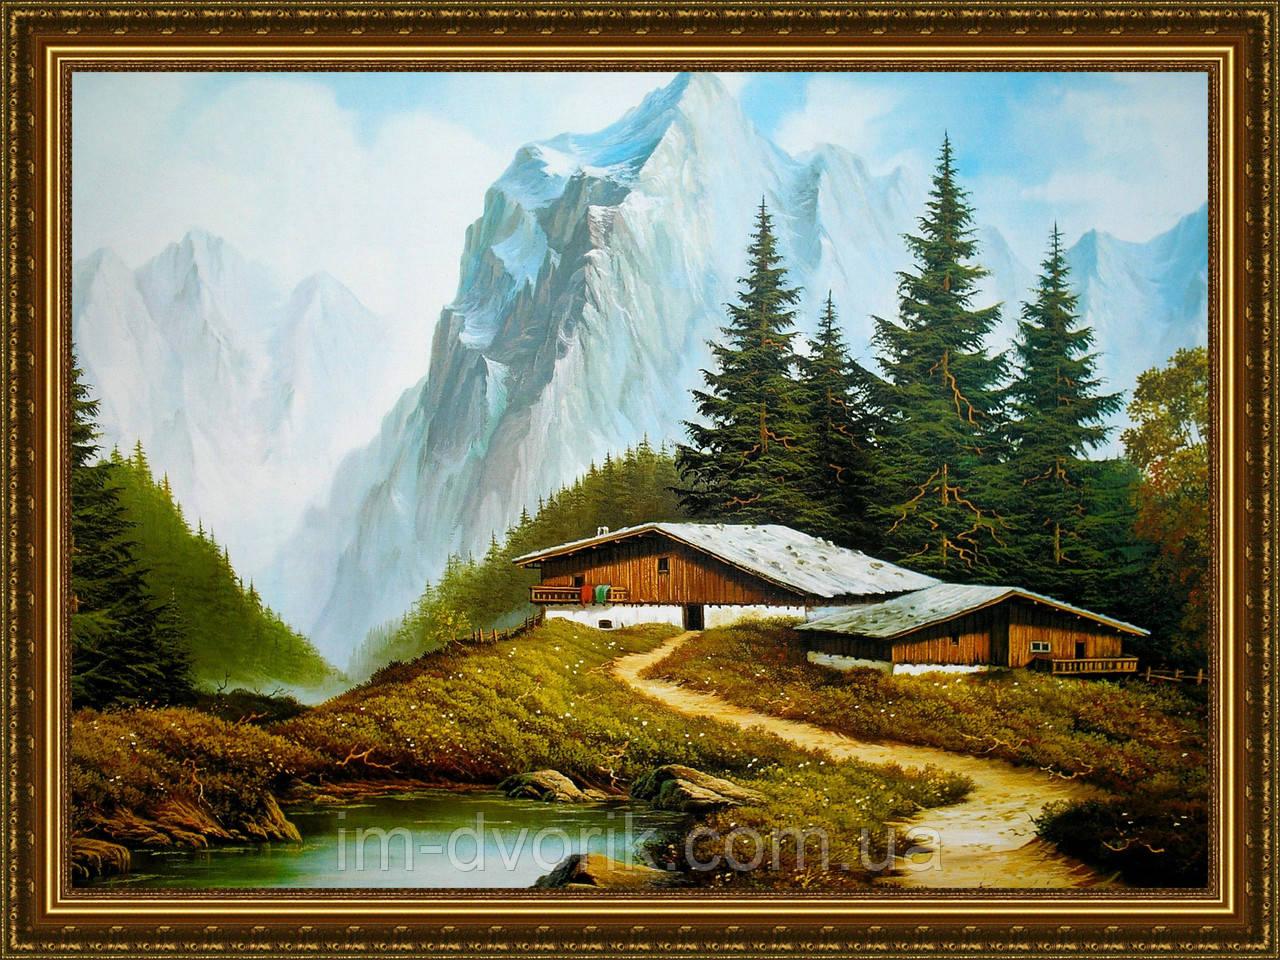 картина альпийская идиллия надую просто